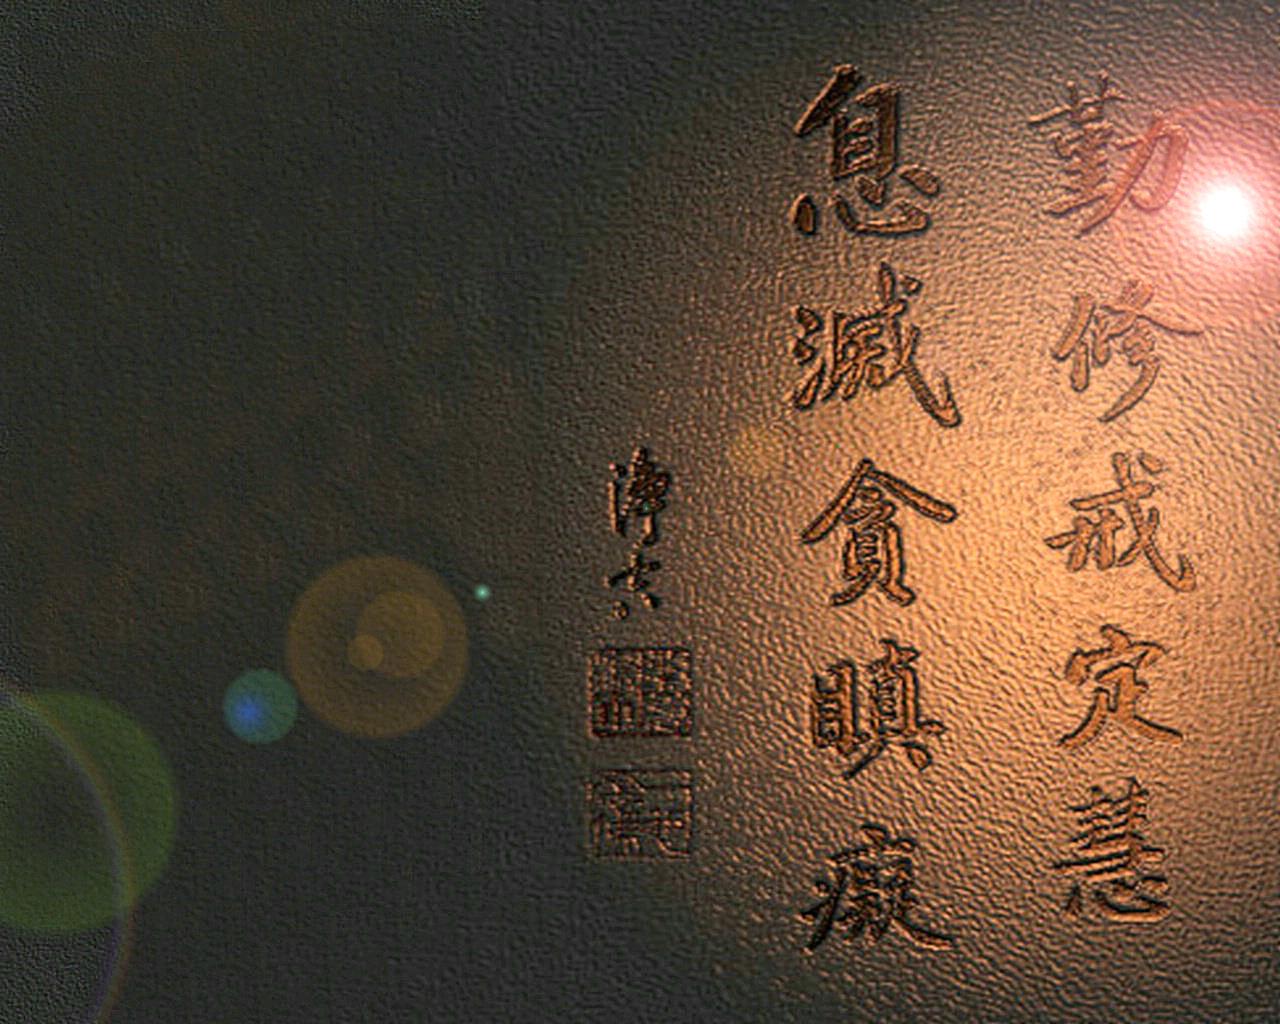 佛教壁纸莲花图片大全内容|佛教壁纸莲花图片大全 ...